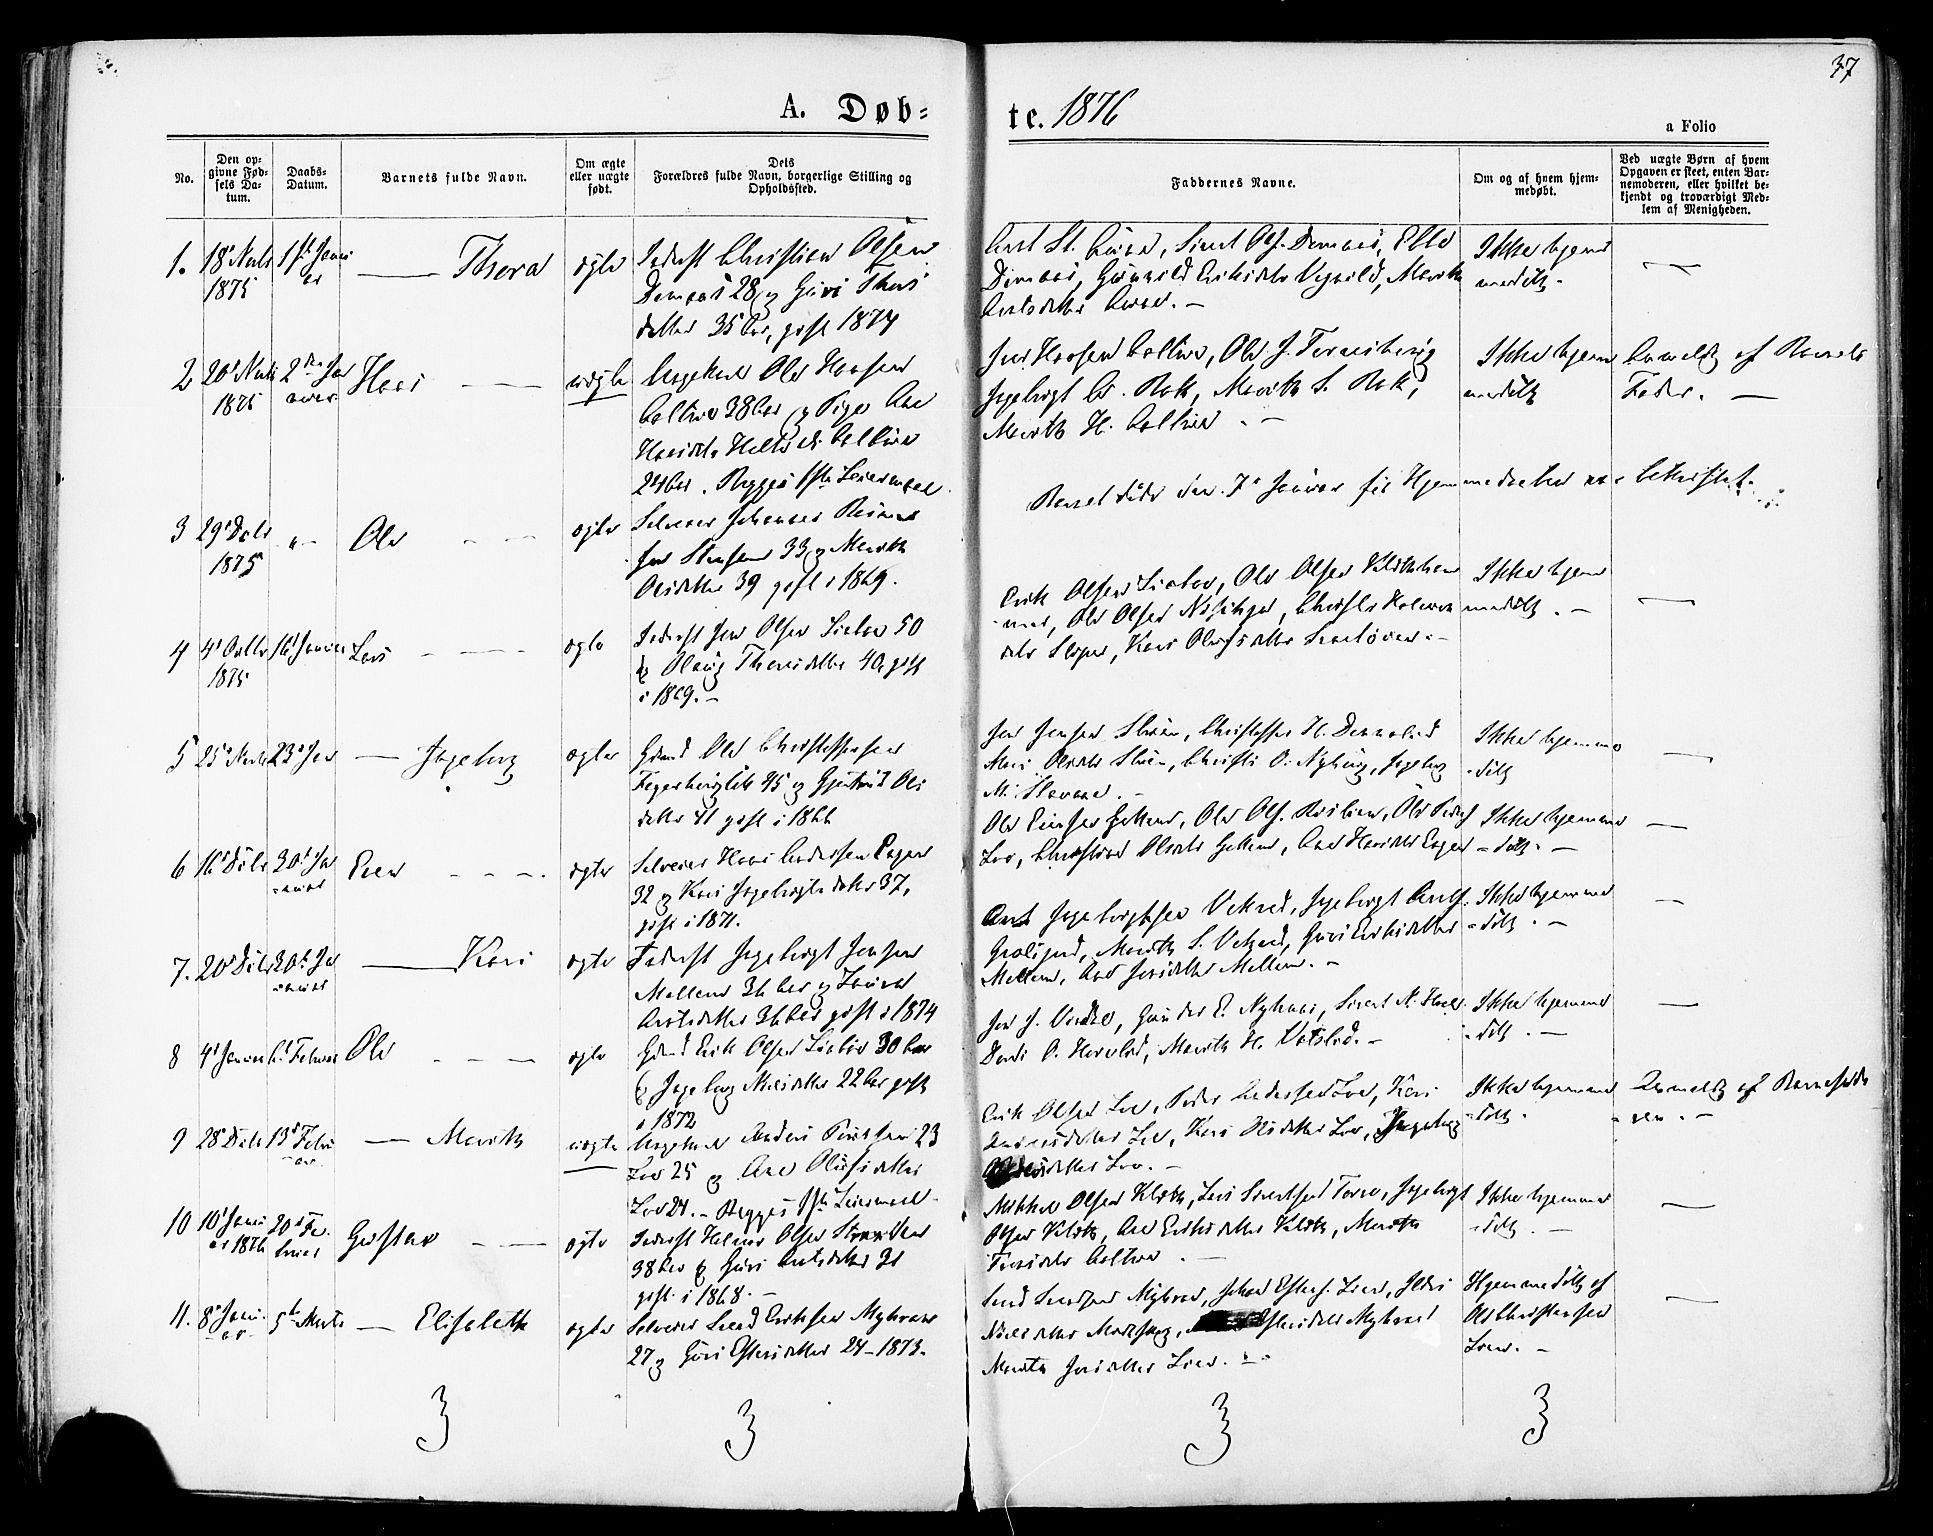 SAT, Ministerialprotokoller, klokkerbøker og fødselsregistre - Sør-Trøndelag, 678/L0900: Ministerialbok nr. 678A09, 1872-1881, s. 37